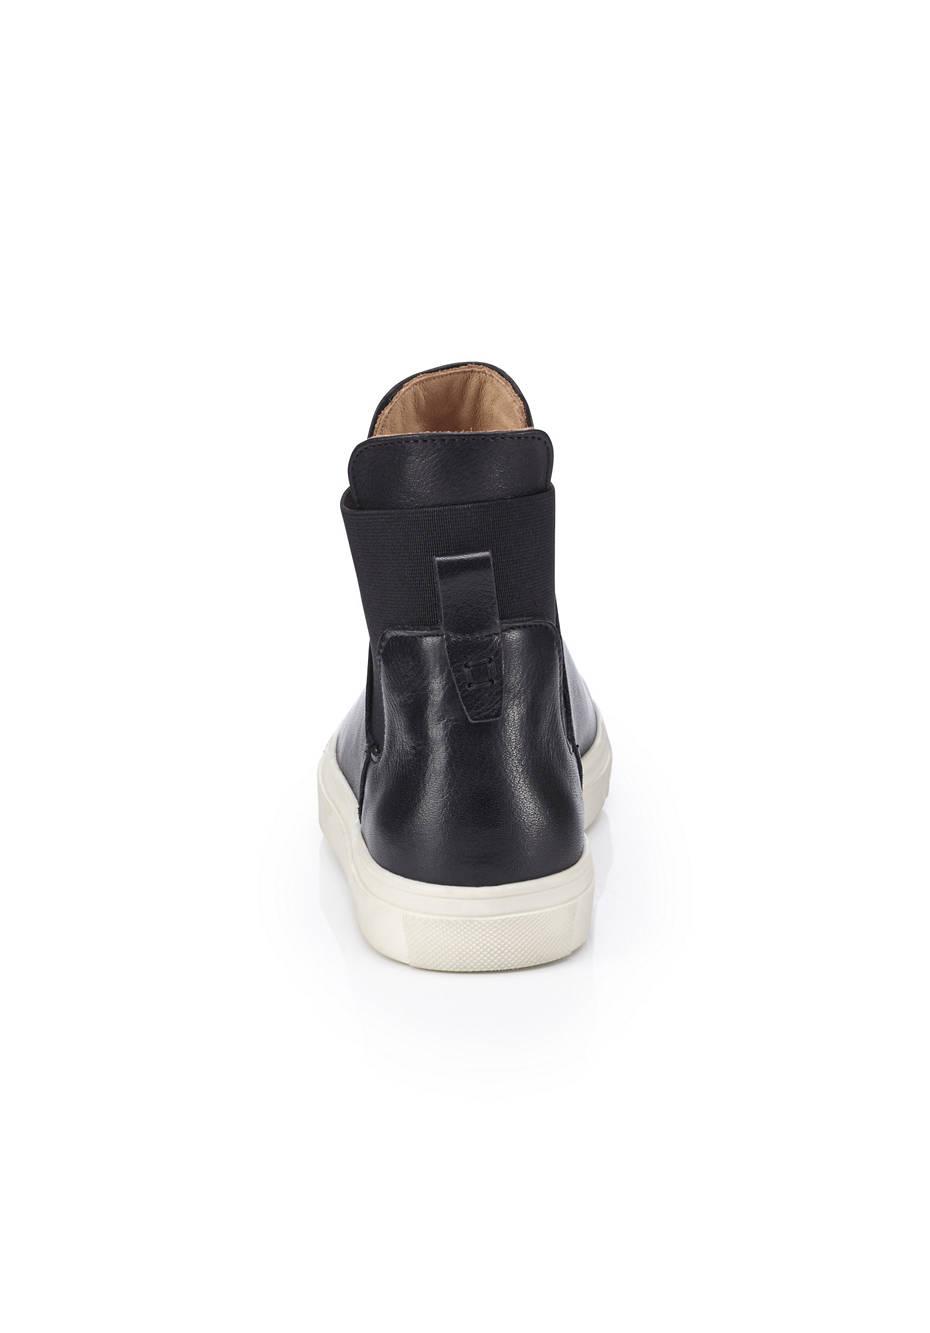 Damen Chelsea-Boots aus Leder